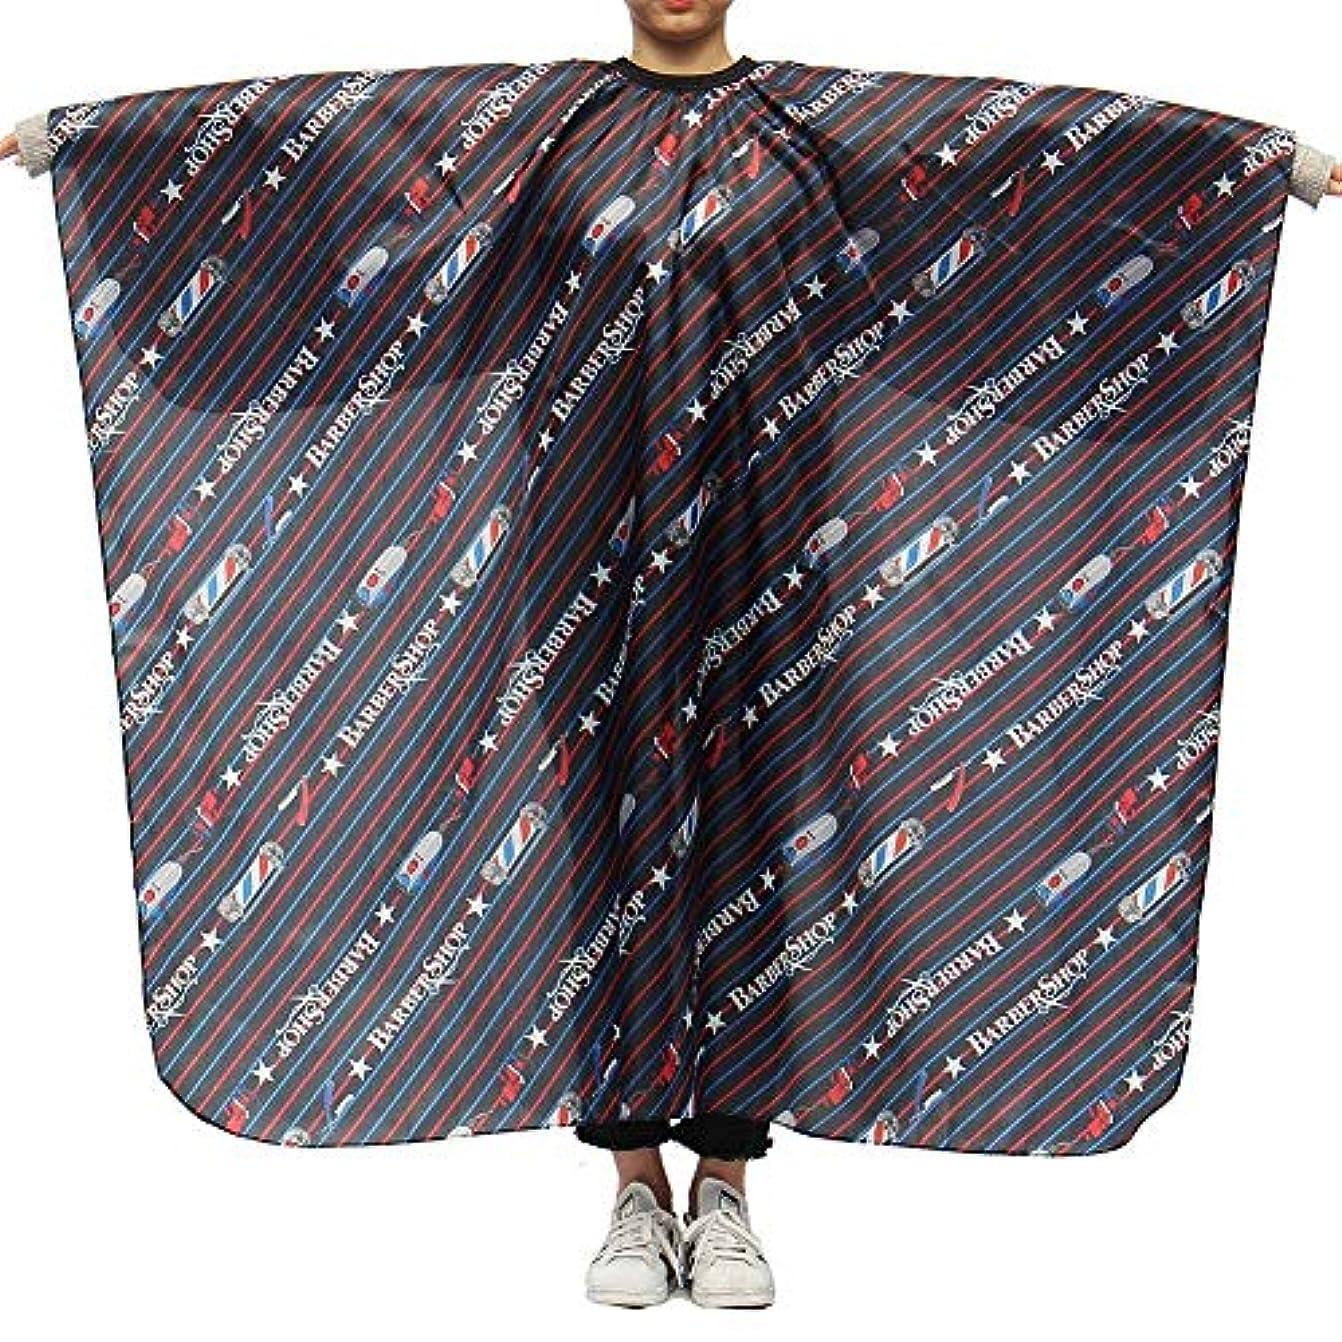 彼らのカートリッジ魔女Brill(ブリーオ)-ビューティー 理髪ケープ 理髪布 家庭用 店用 通気性 滑らか ポリエステル製